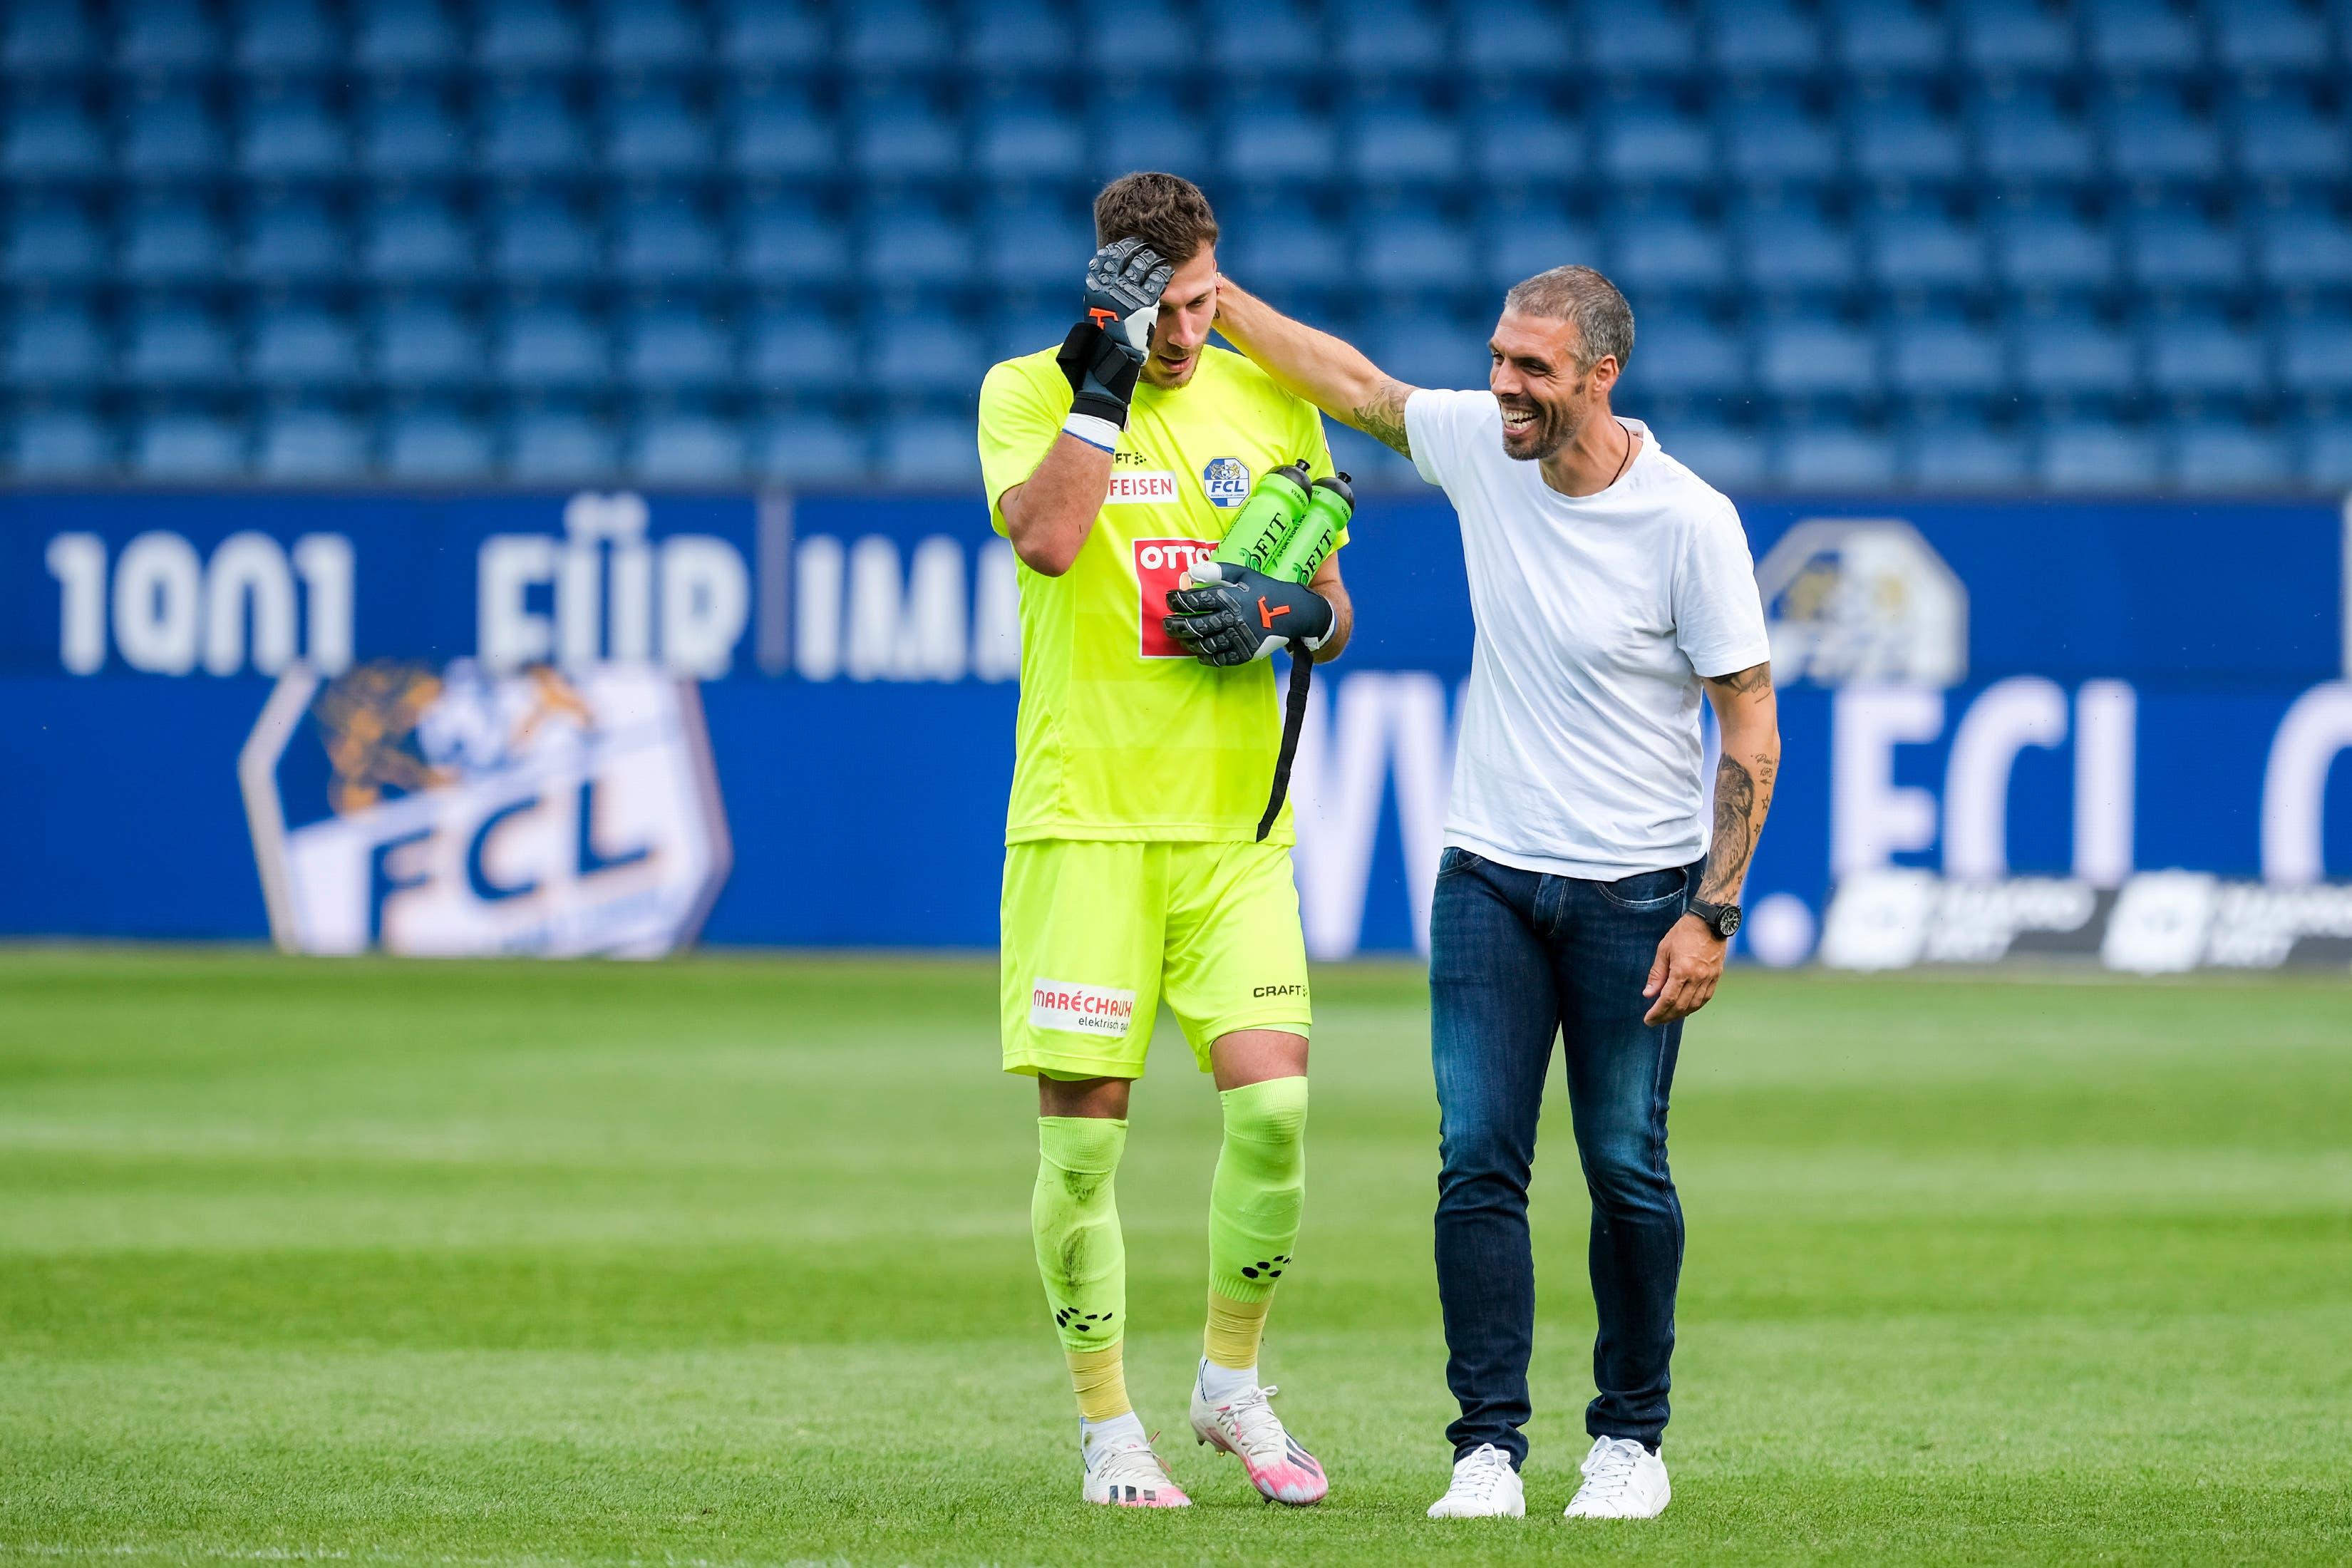 FCL-Trainer Fabio Celestini (rechts) und Torhüter Marius Müller nach dem Spiel.